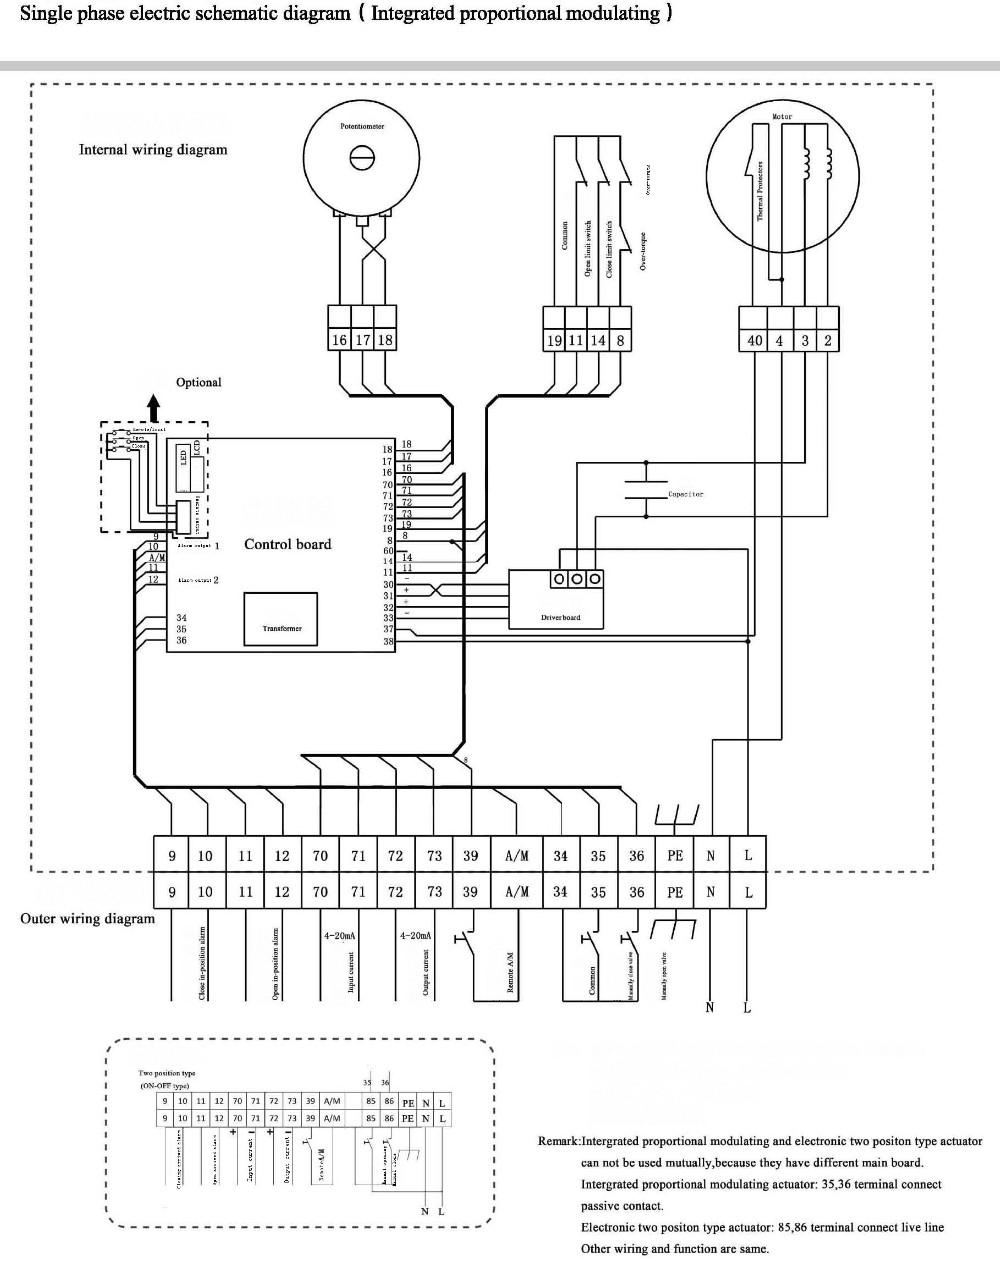 HTB10Bs6JFXXXXbIXFXXq6xXFXXX9 diagrams 23203408 rotork actuator wiring diagram rotork wiring rotork iq 35 wiring diagram at soozxer.org